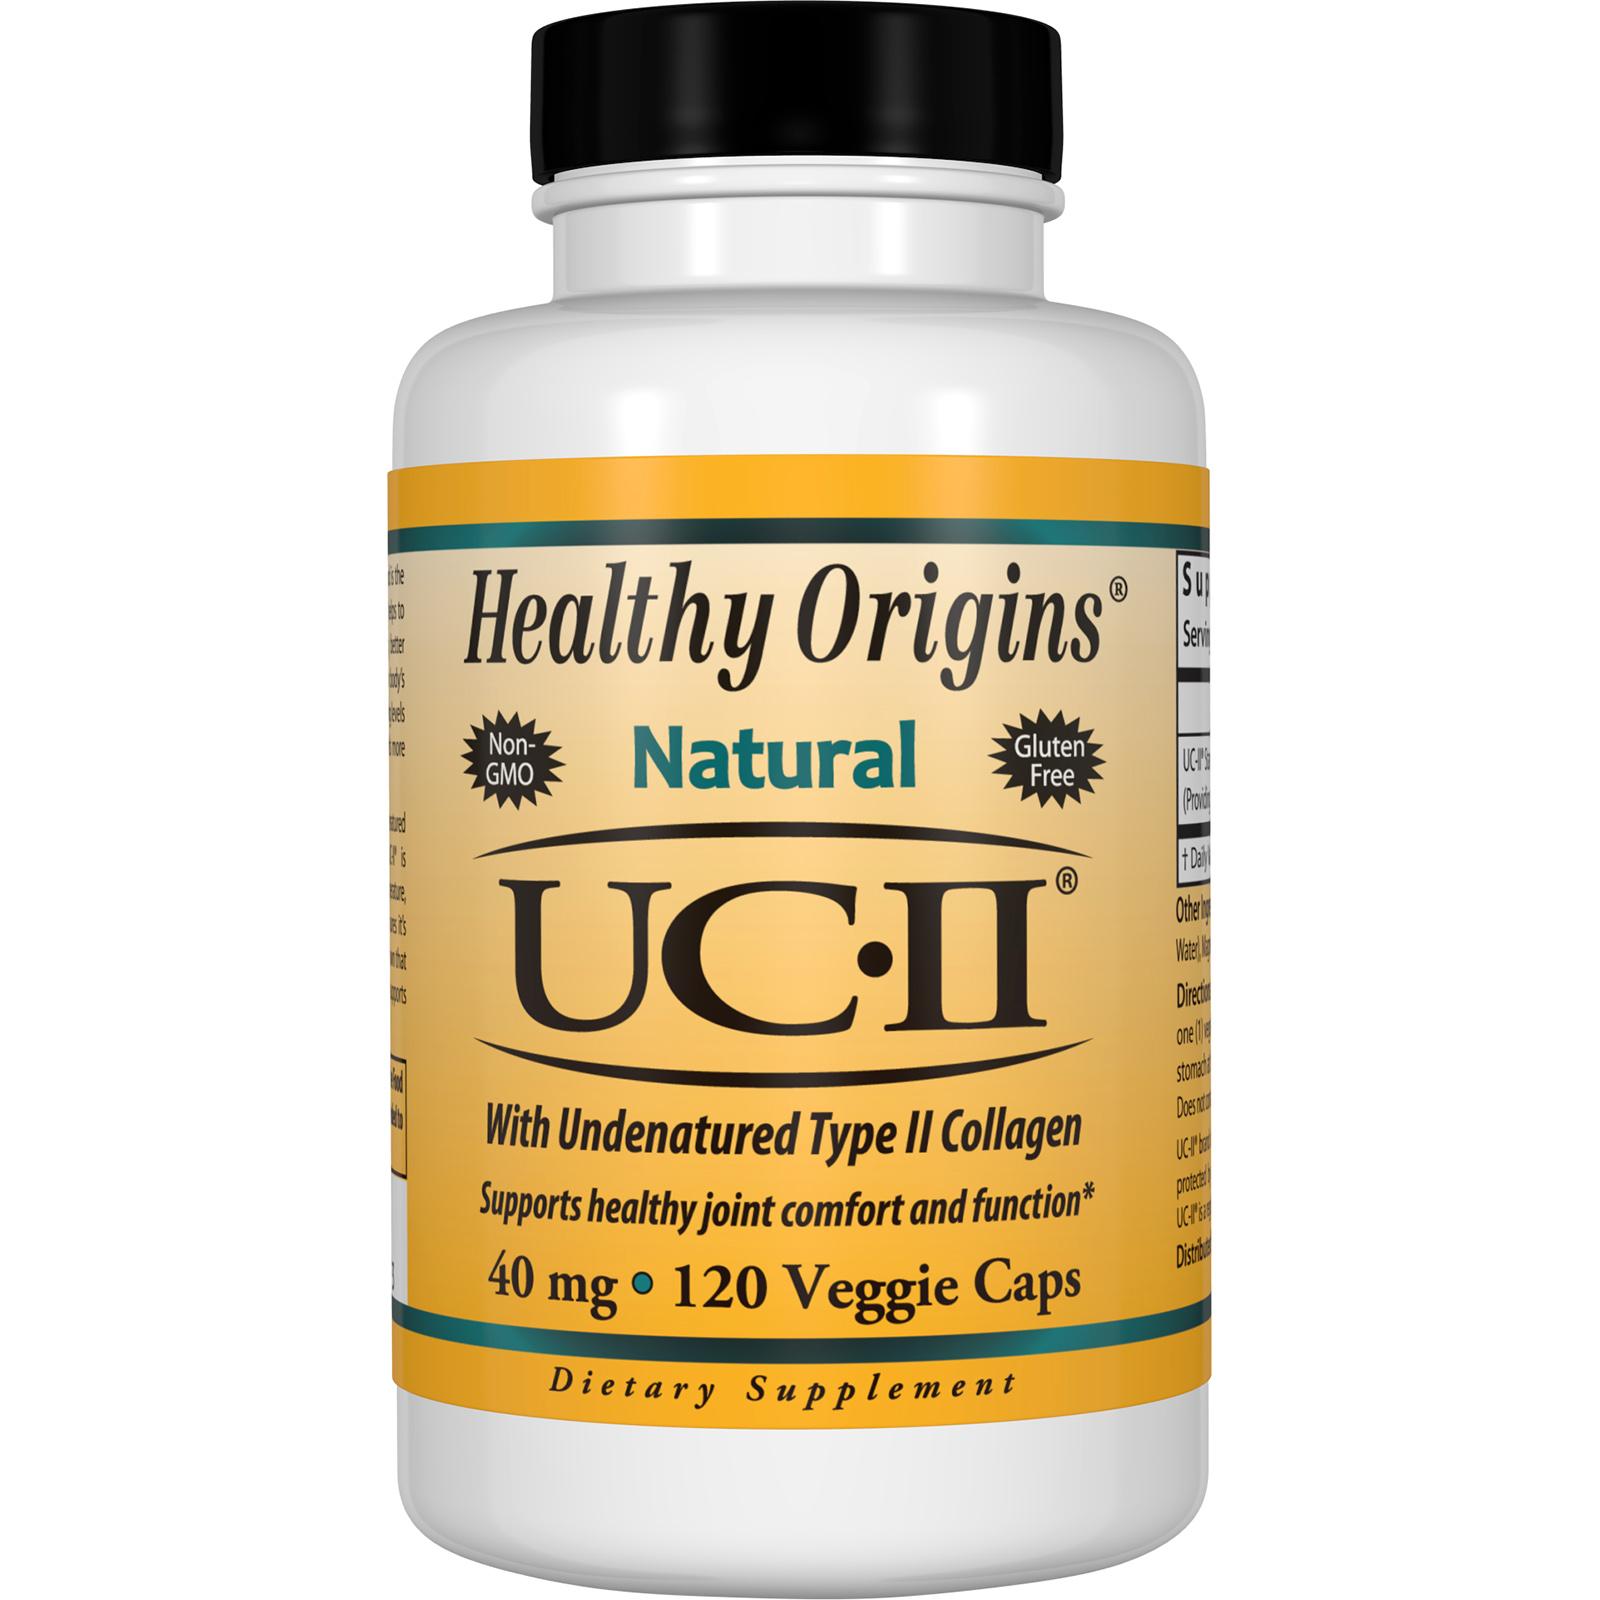 Healthy Origins, Natural, UC-II with Undenatured Type II Collagen, 40 mg, 120 Veggie Caps